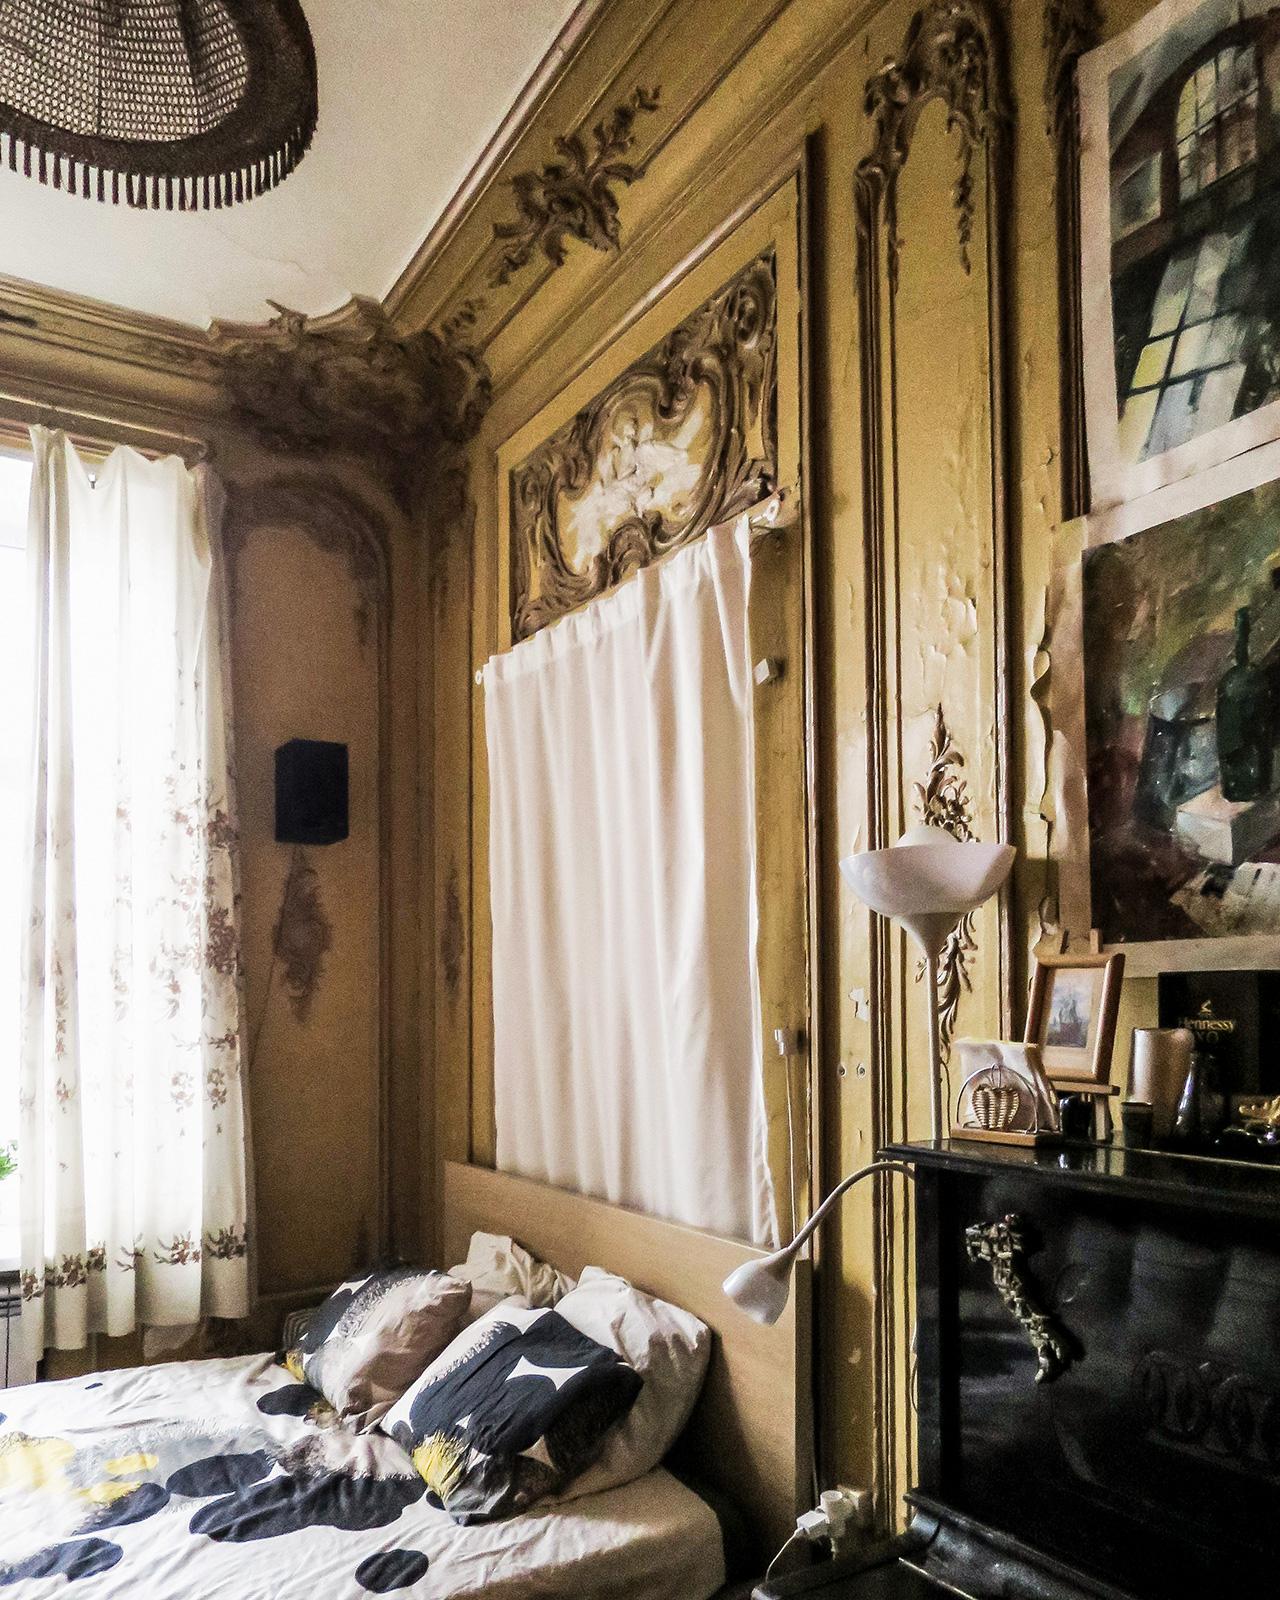 Maksim Kosmin, ideatore del progetto, è nato nella periferia di San Pietroburgo ma si è trasferito in un vecchio appartamento comunitario insieme alla famiglia